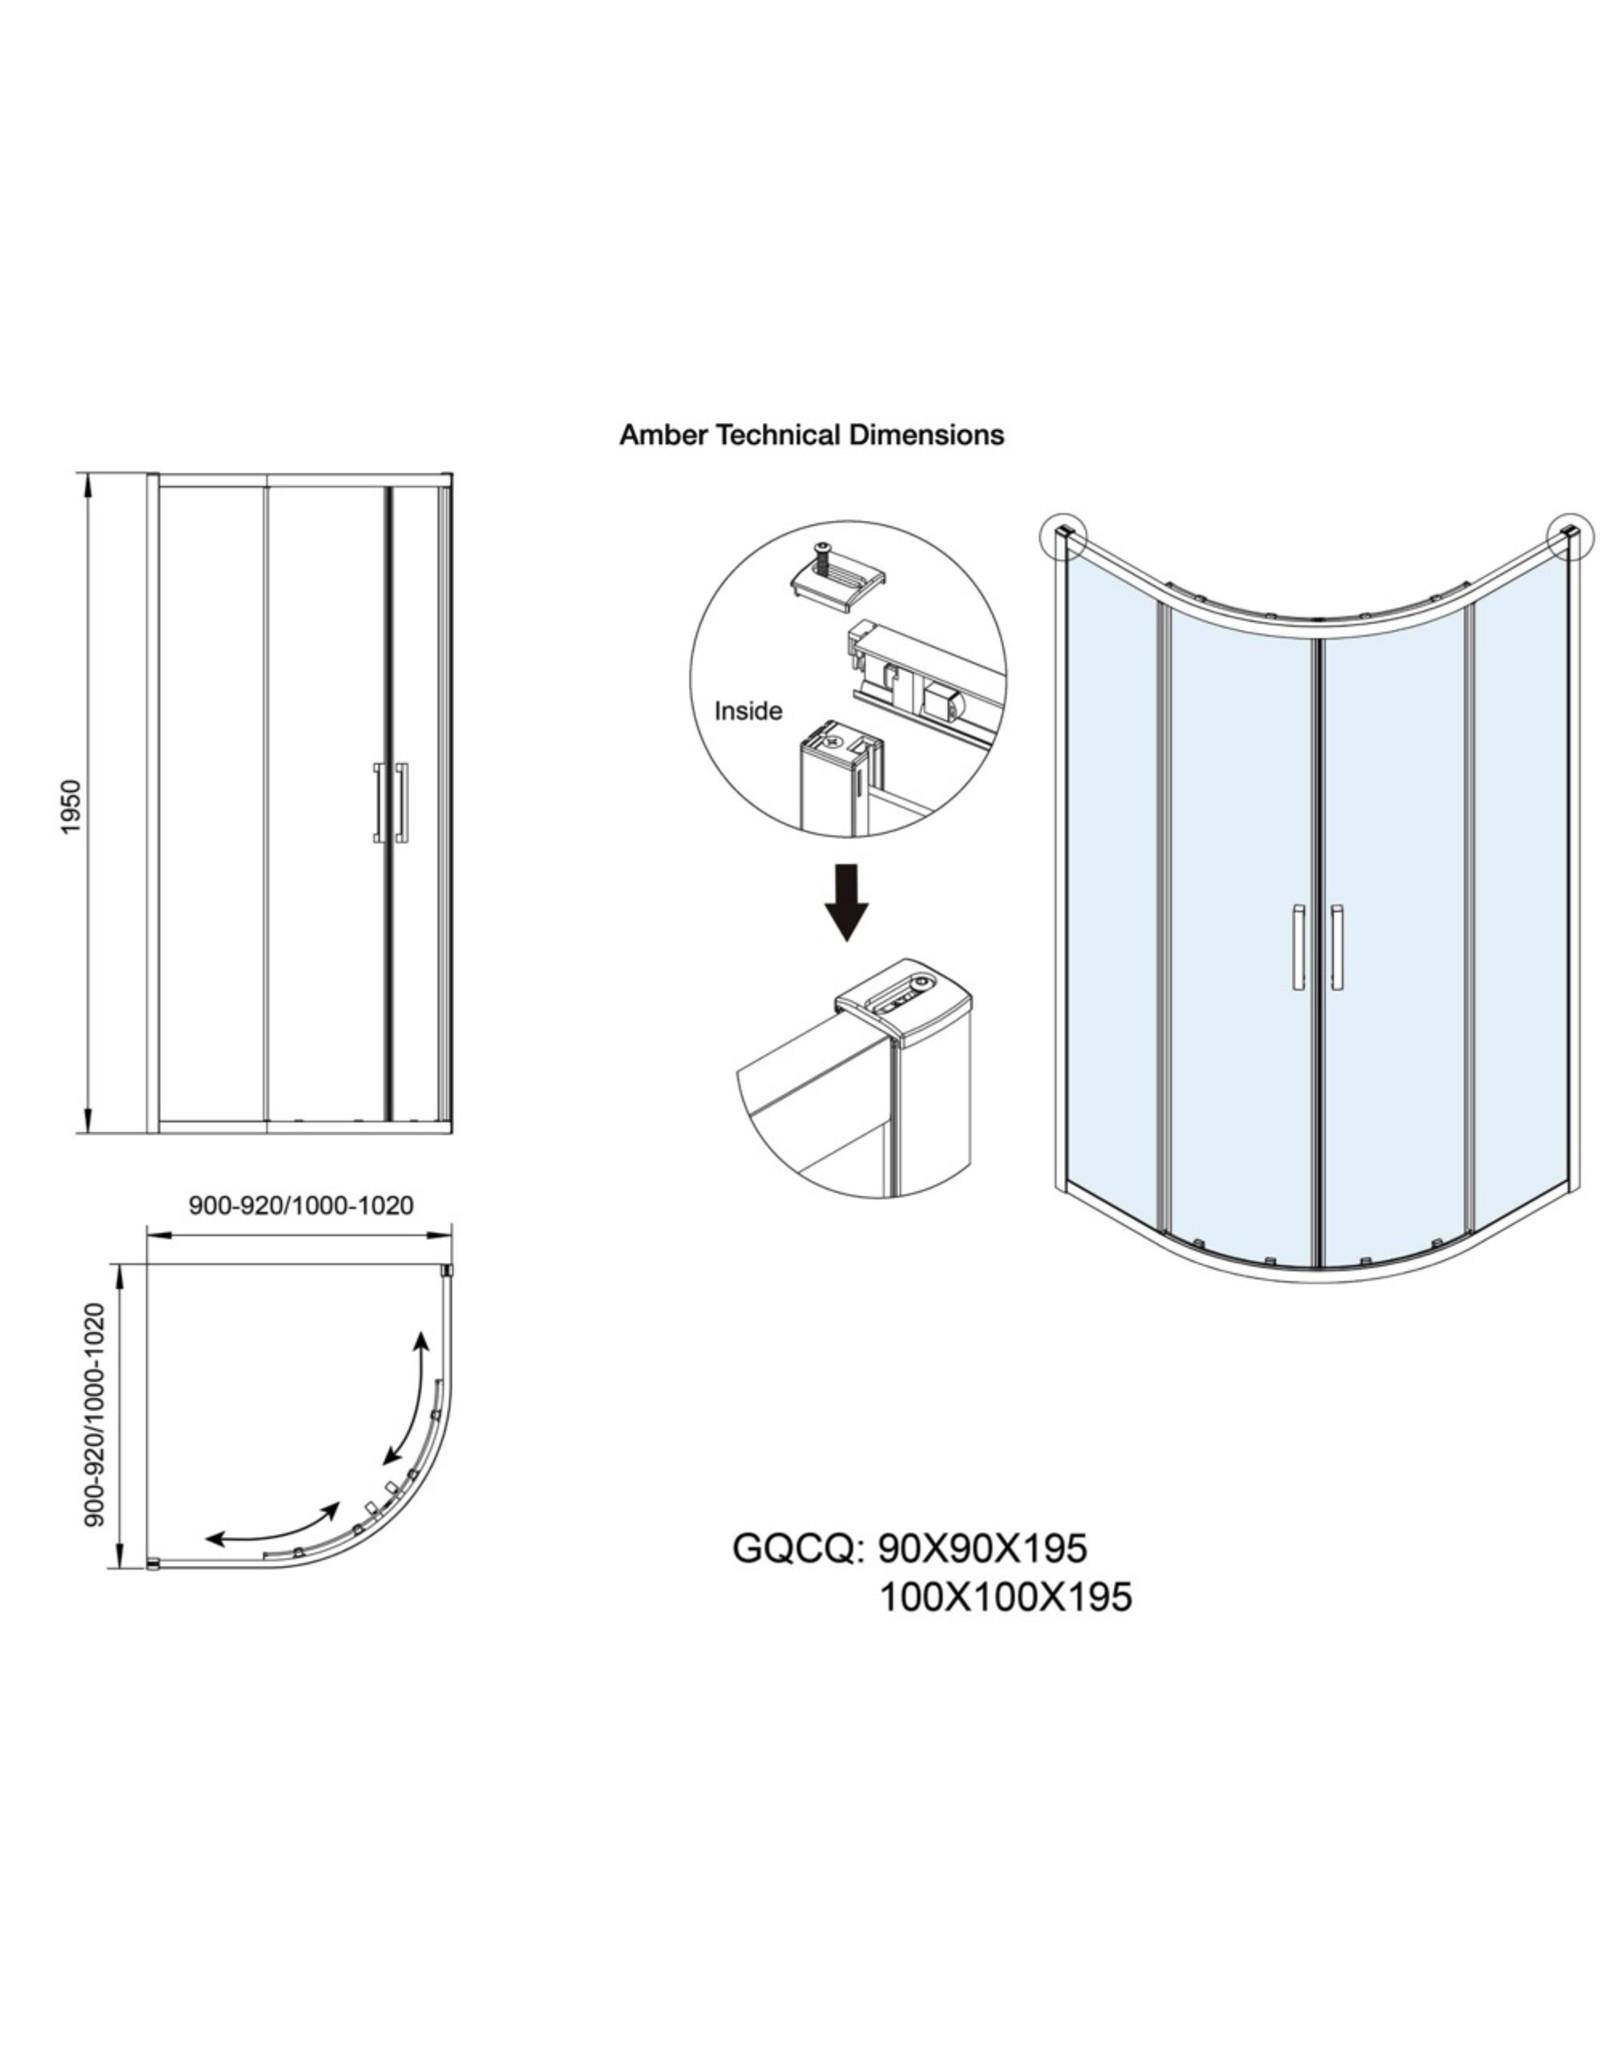 Impact 900x900x1950 Amber Round Corner Shower Screen